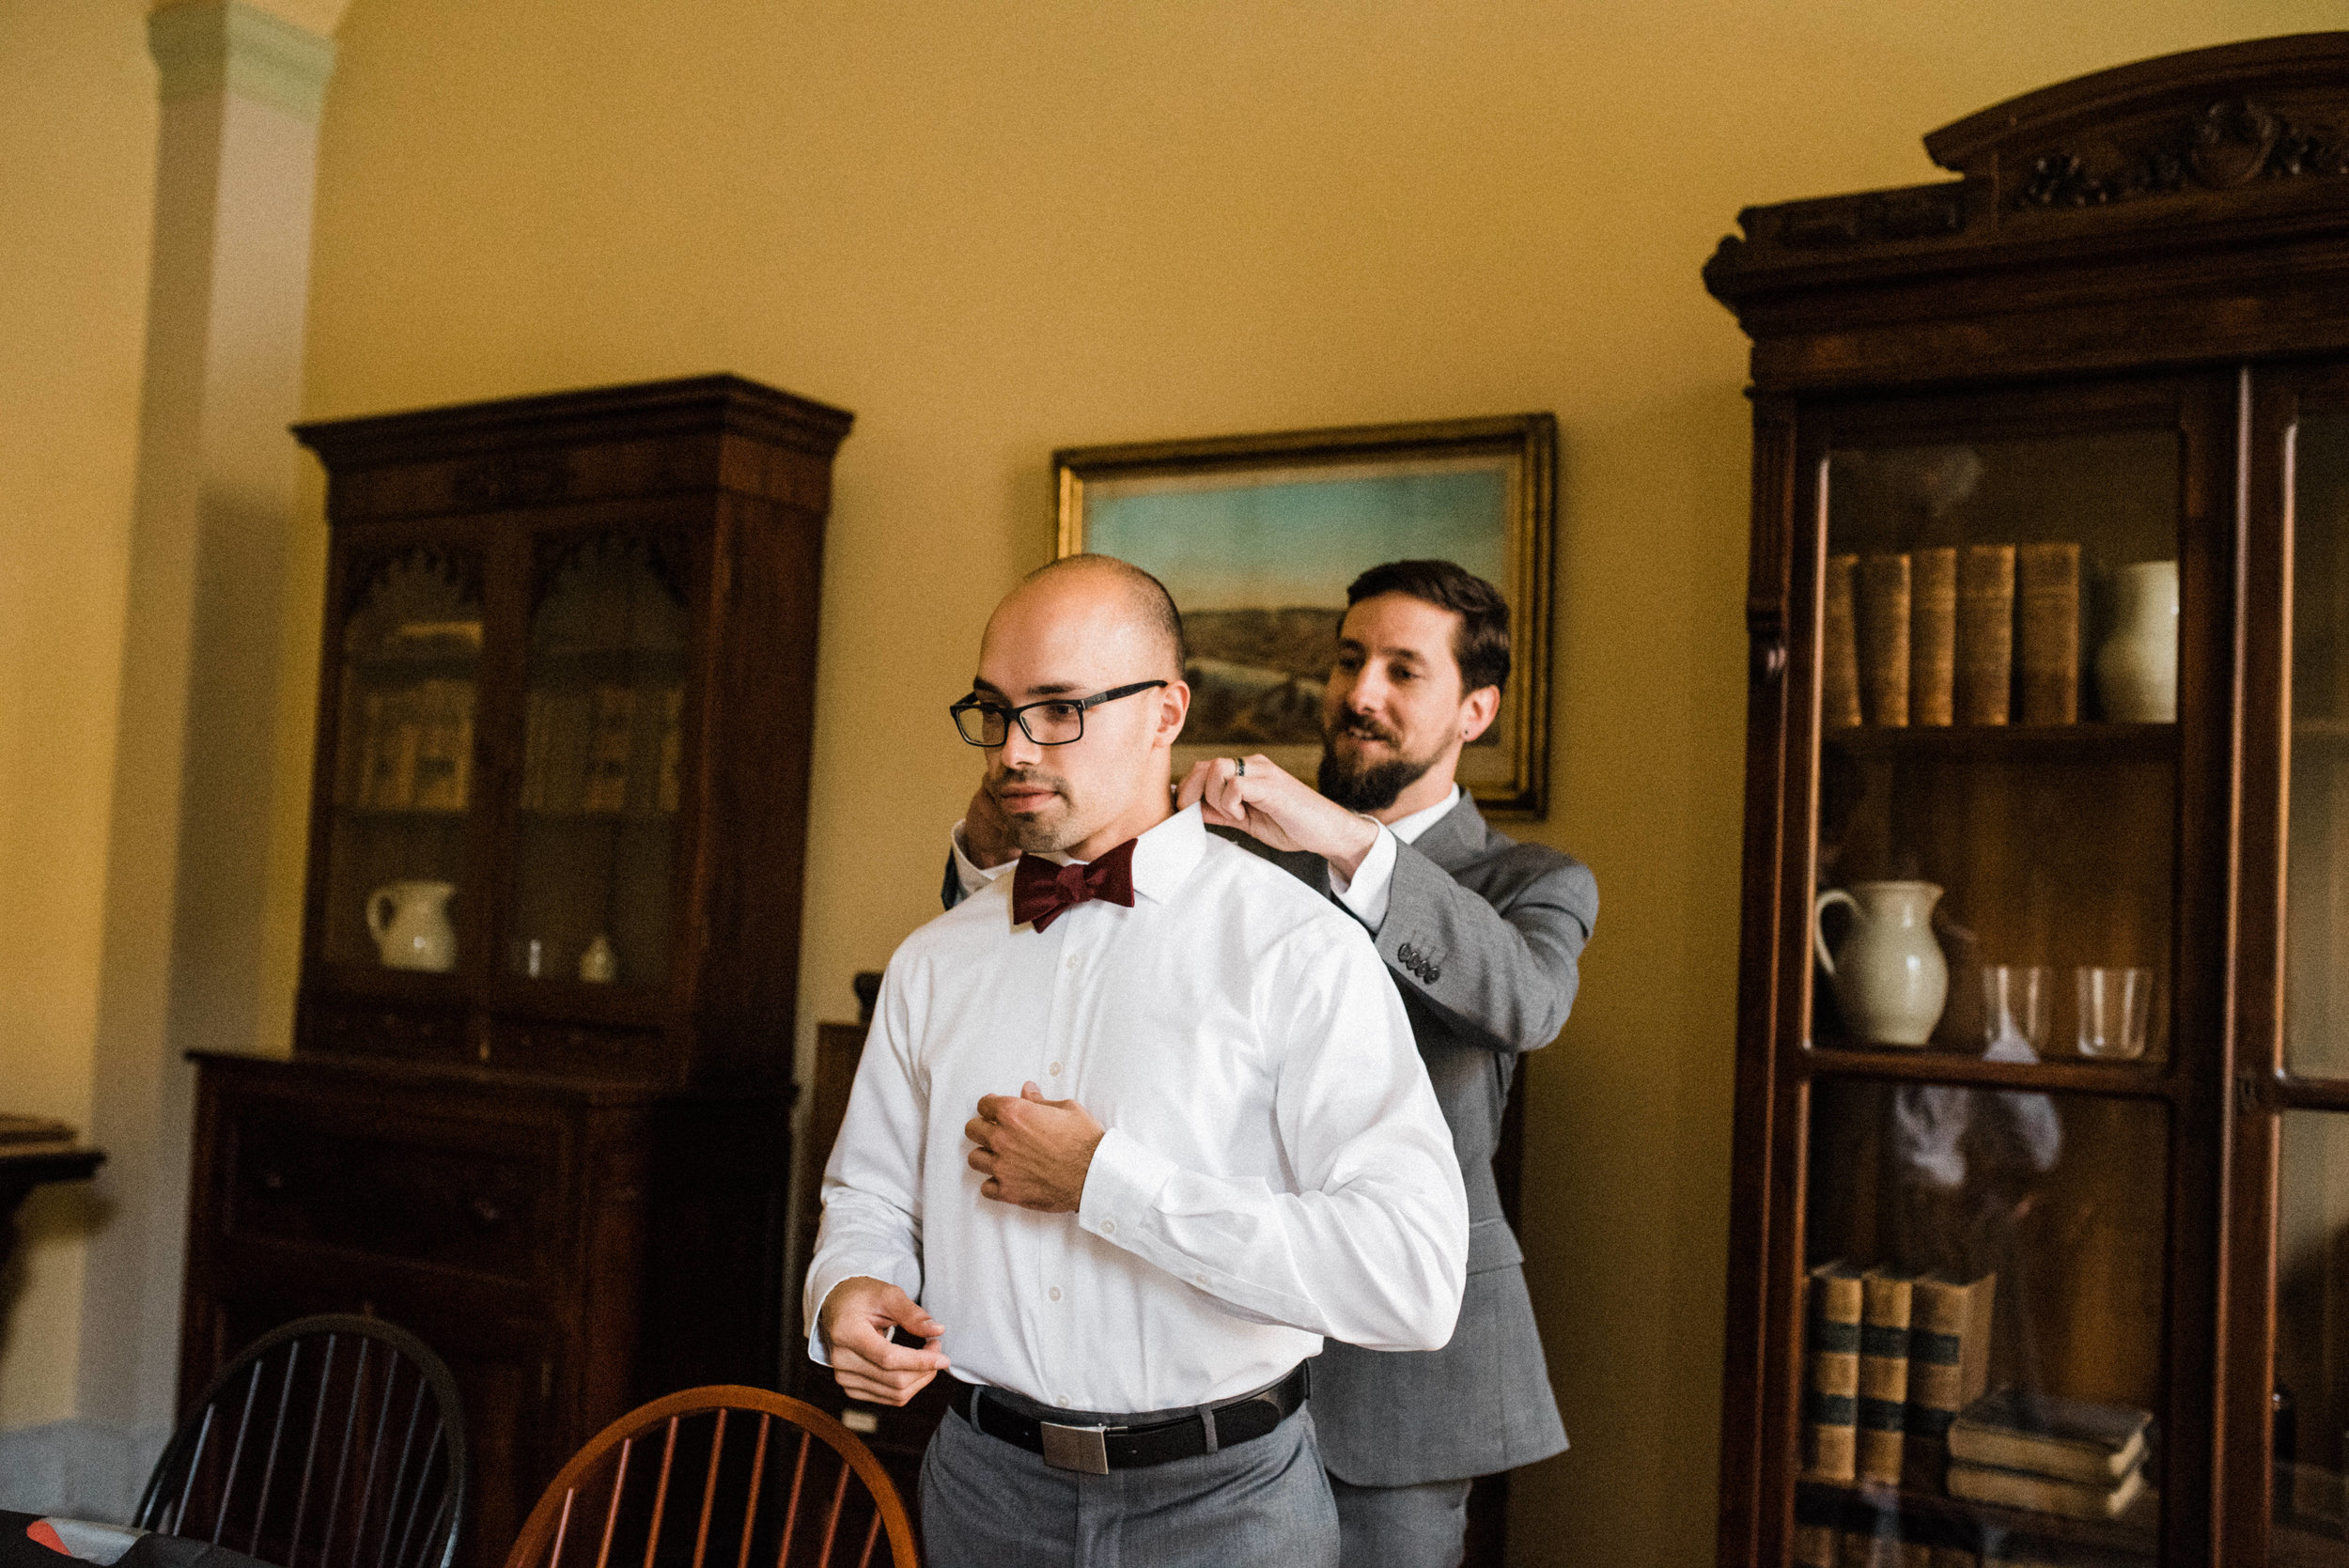 -Chelsea-Hall-Photography-Old-Courthouse-Wedding-Dayton-Ohio-12.jpg